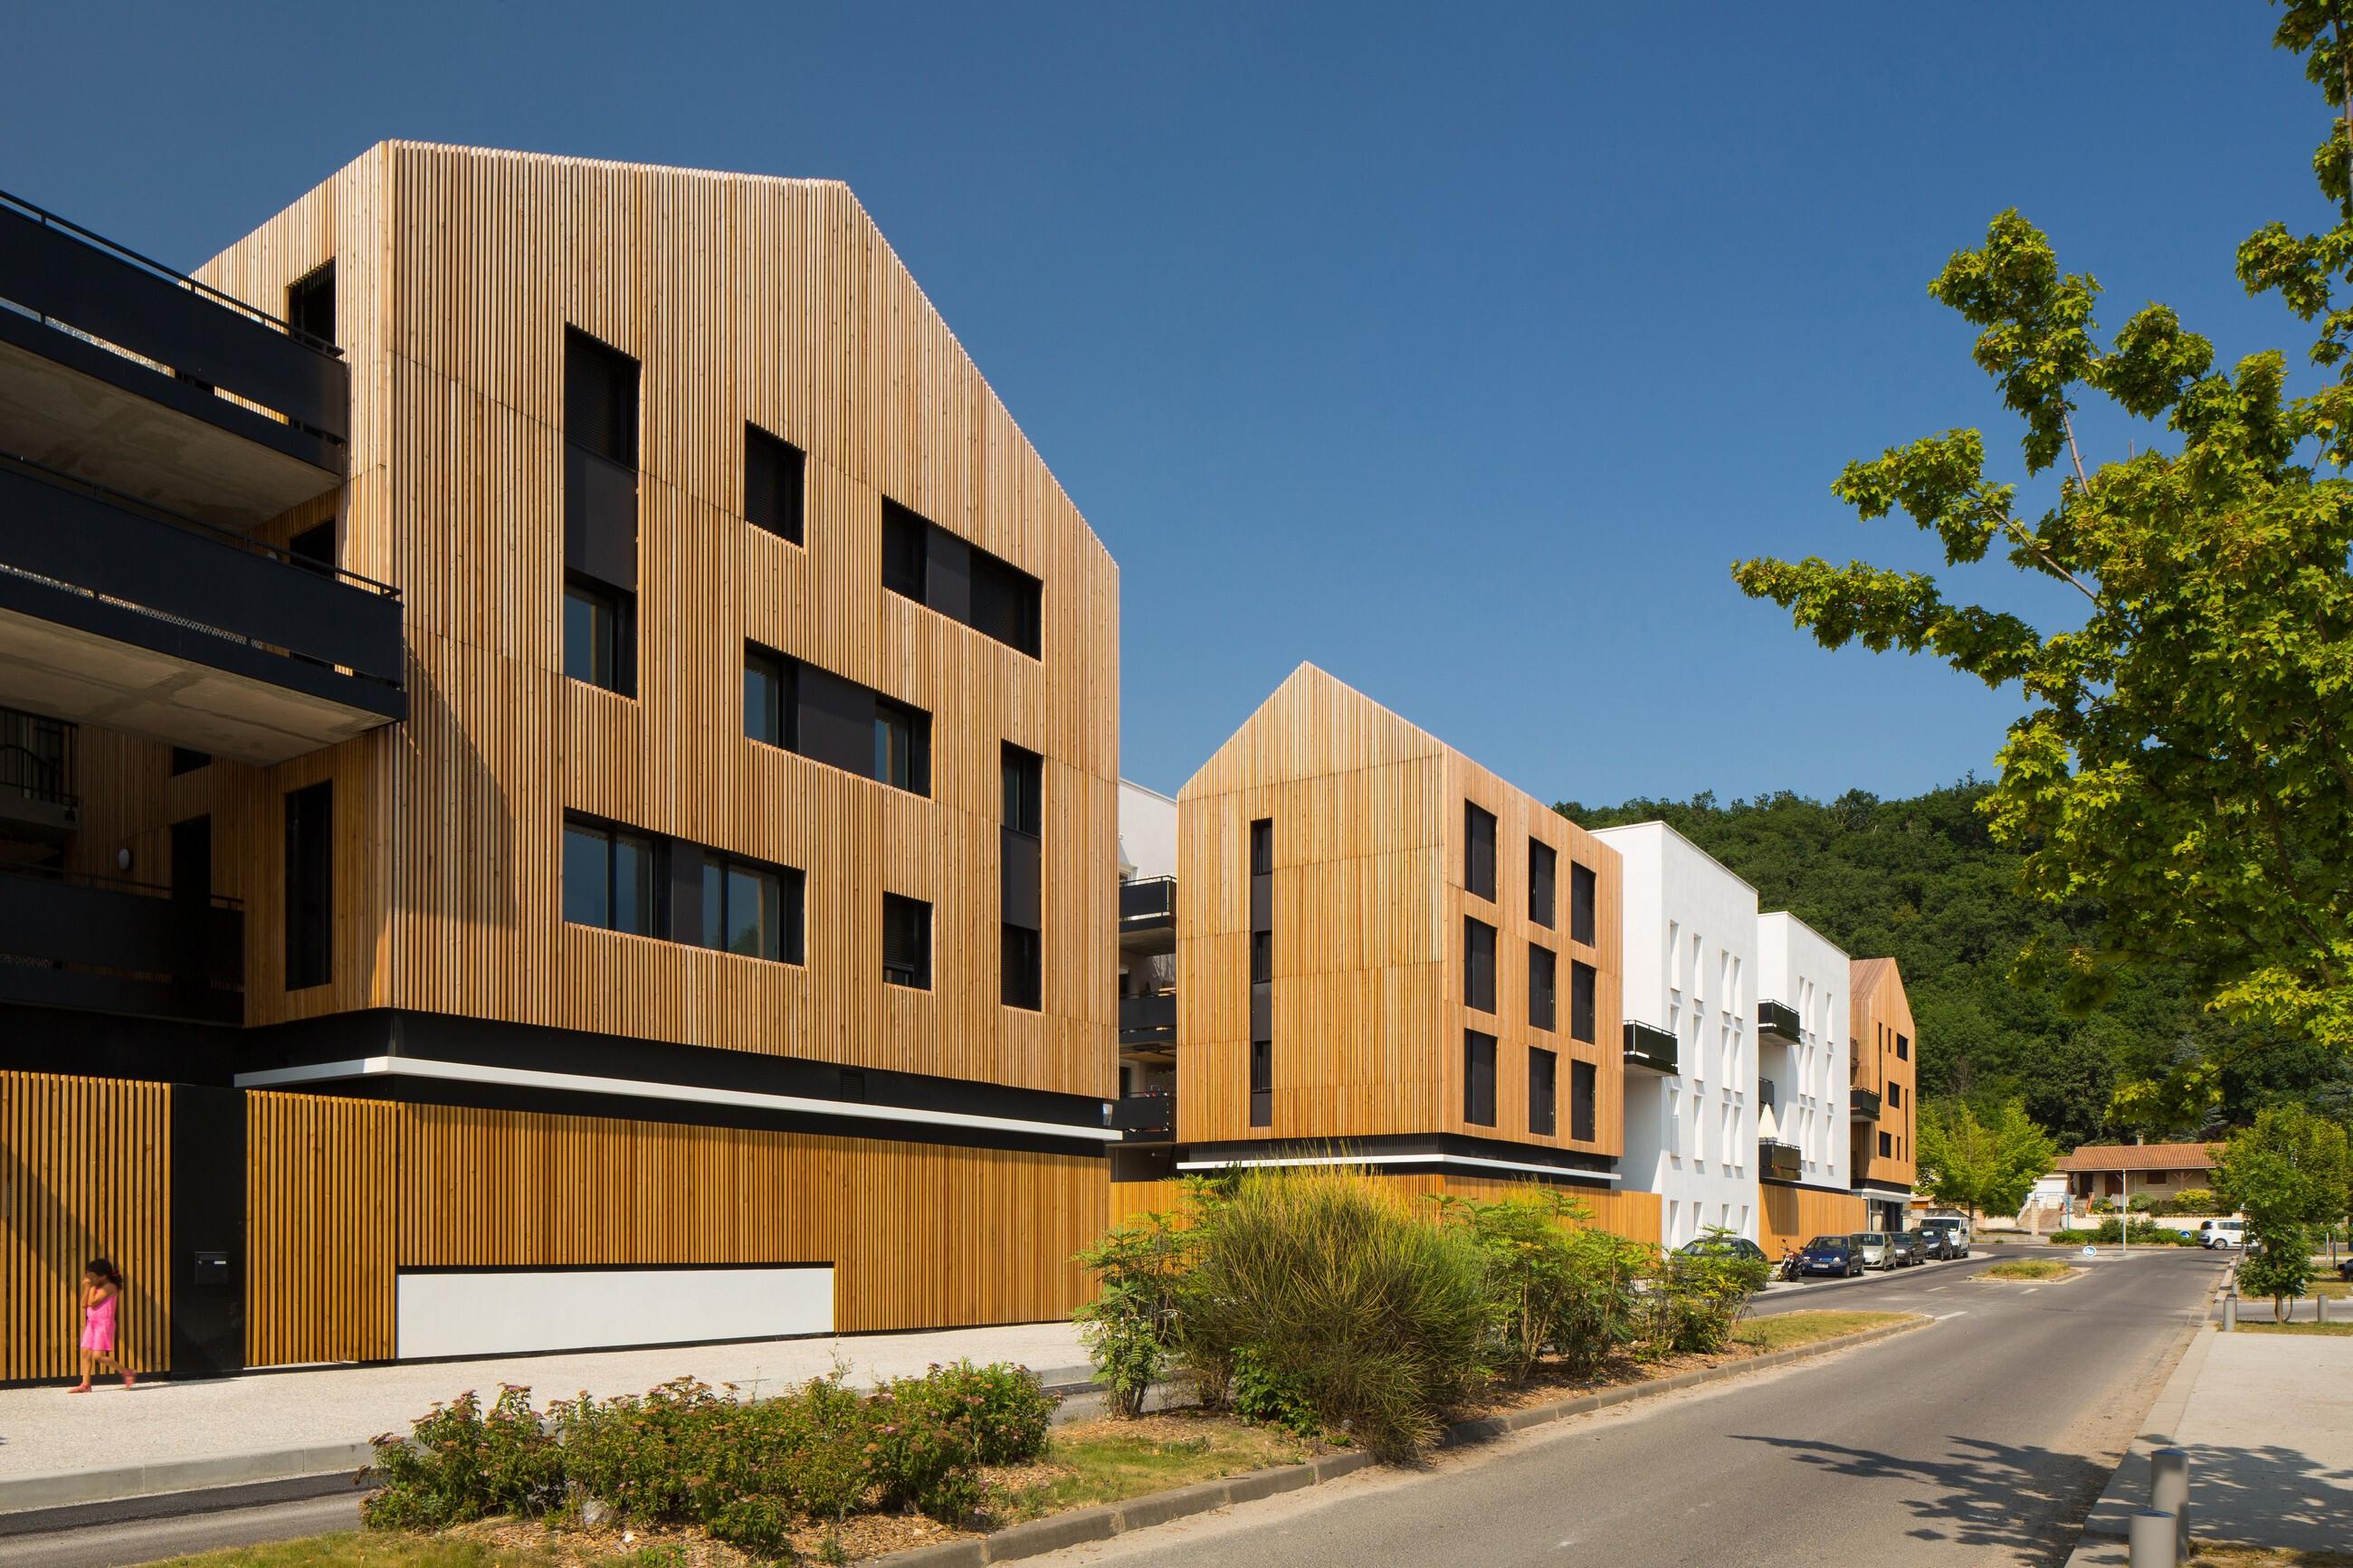 Aquitanis community housing